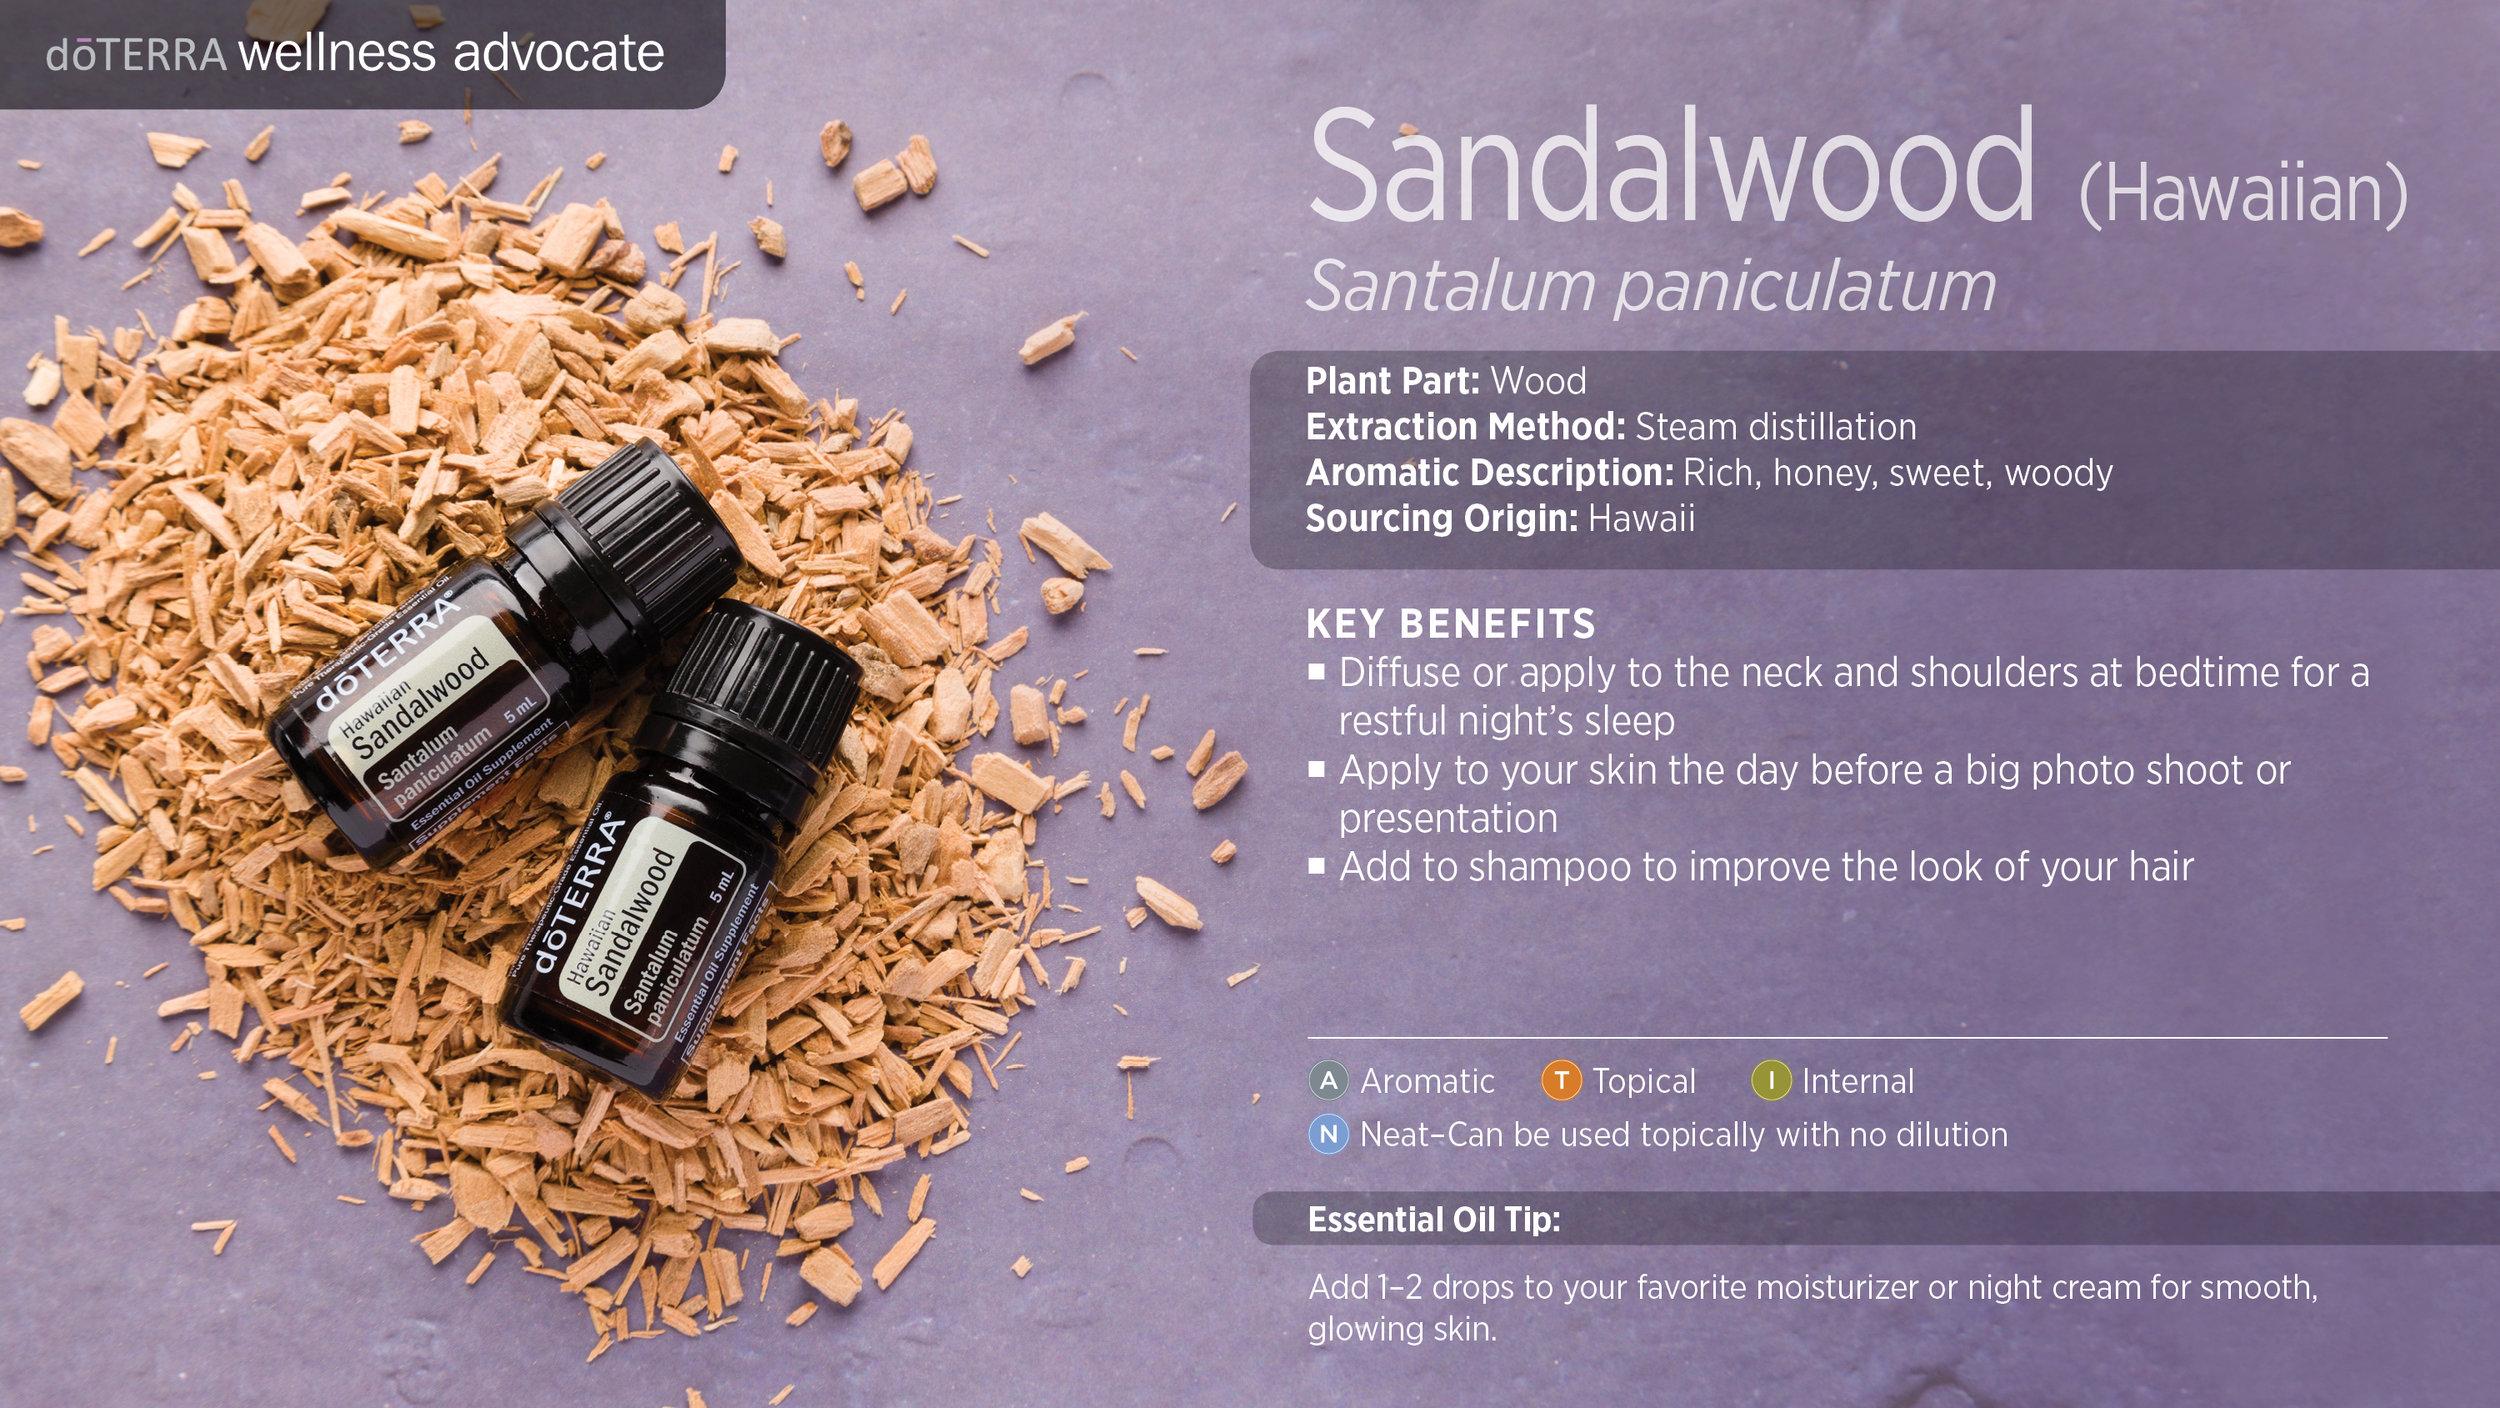 wa-sandalwood-hawaiian.jpg